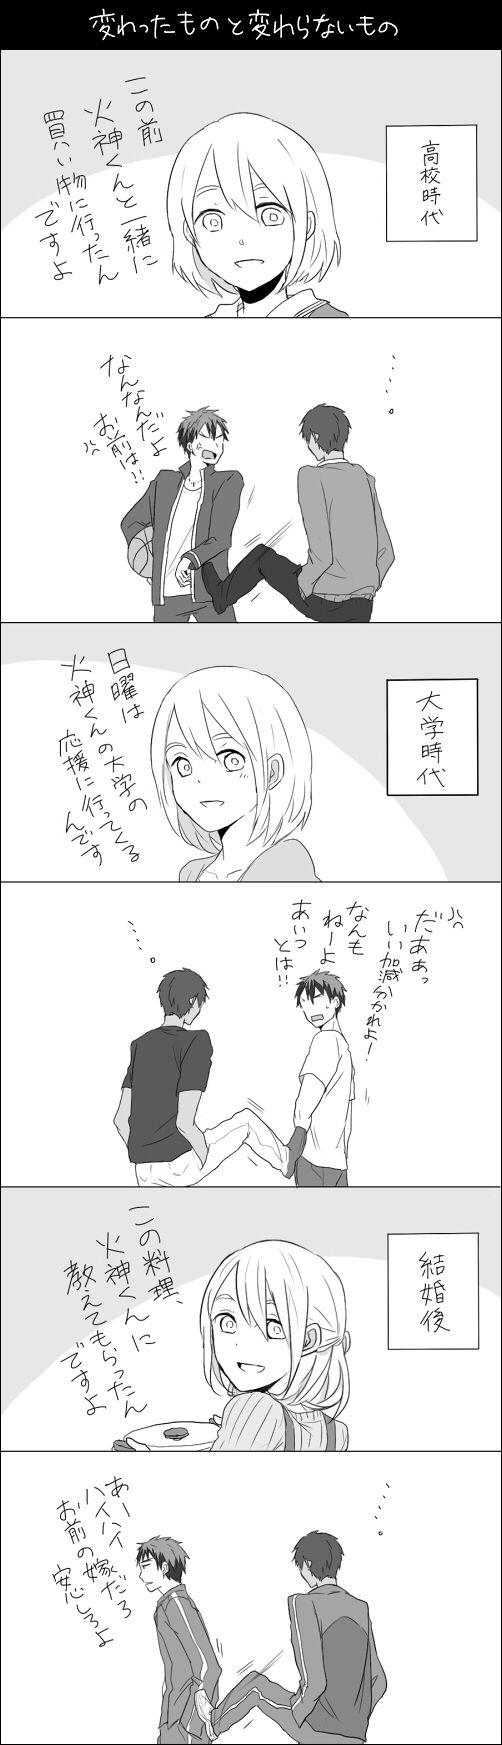 「【女体化】青黒♀いろいろ5」/「アケ」の漫画 [pixiv]